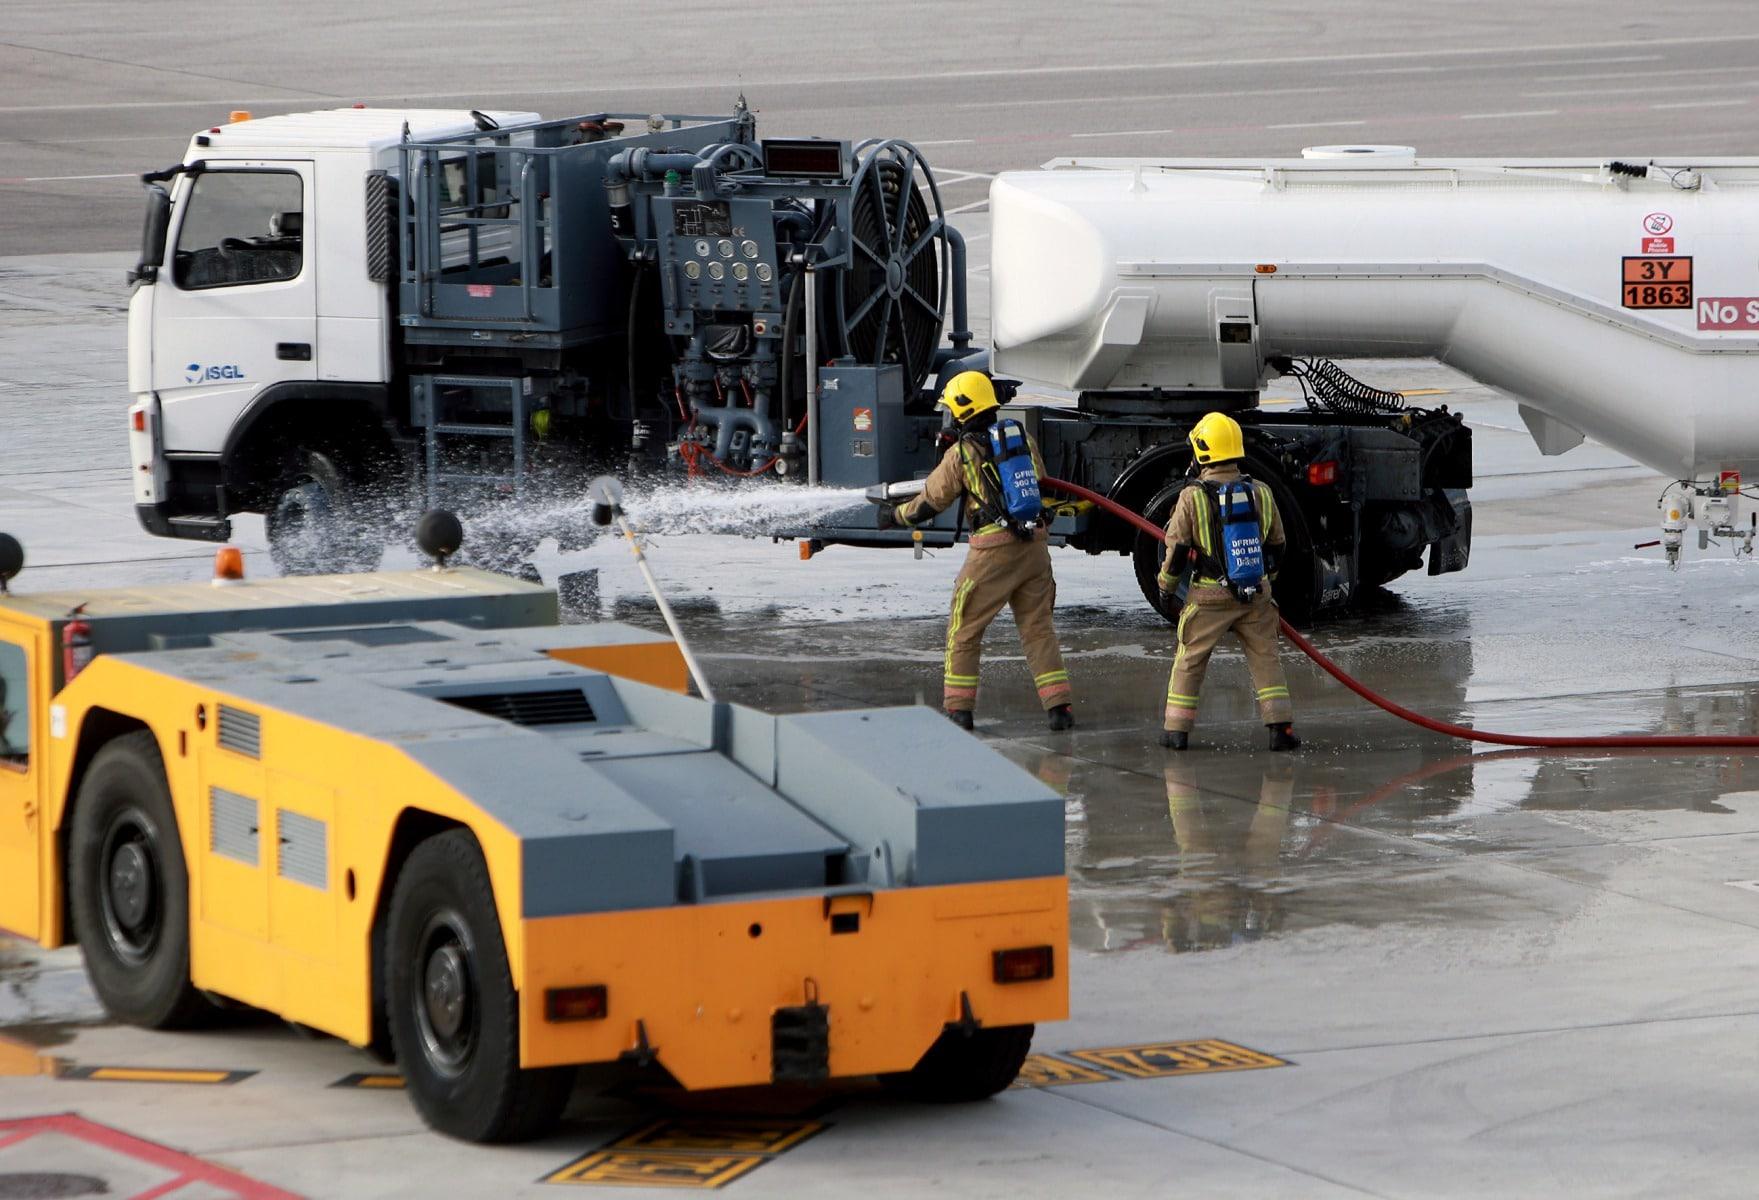 09-feb-2016-simulacro-de-incidente-en-el-aeropuerto-de-gibraltar_24286854894_o